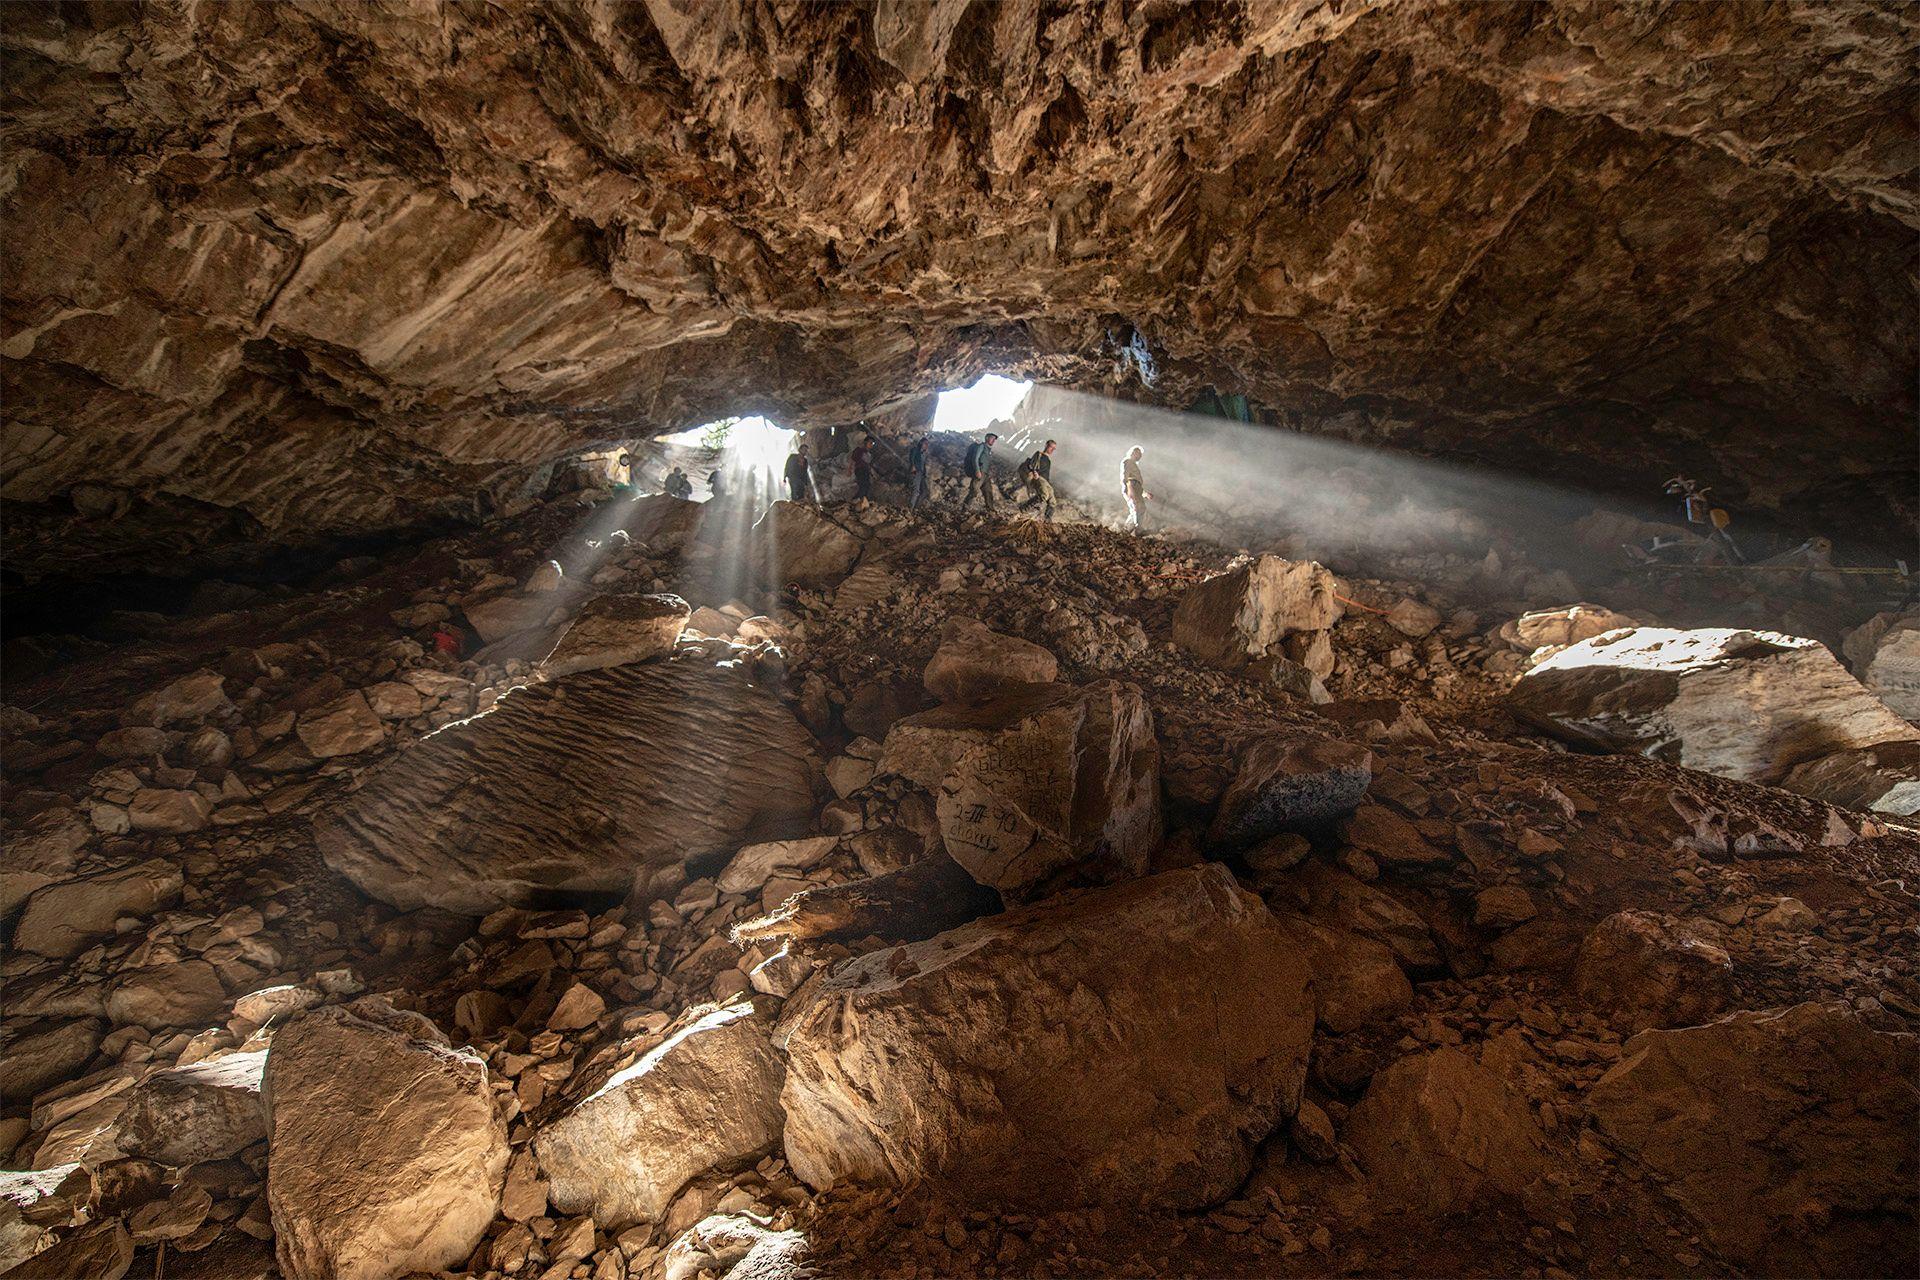 Les archéologues explorent la vaste grotte Chiquihuite dans les hautes terres du Chiapas au nord-ouest du Mexique.